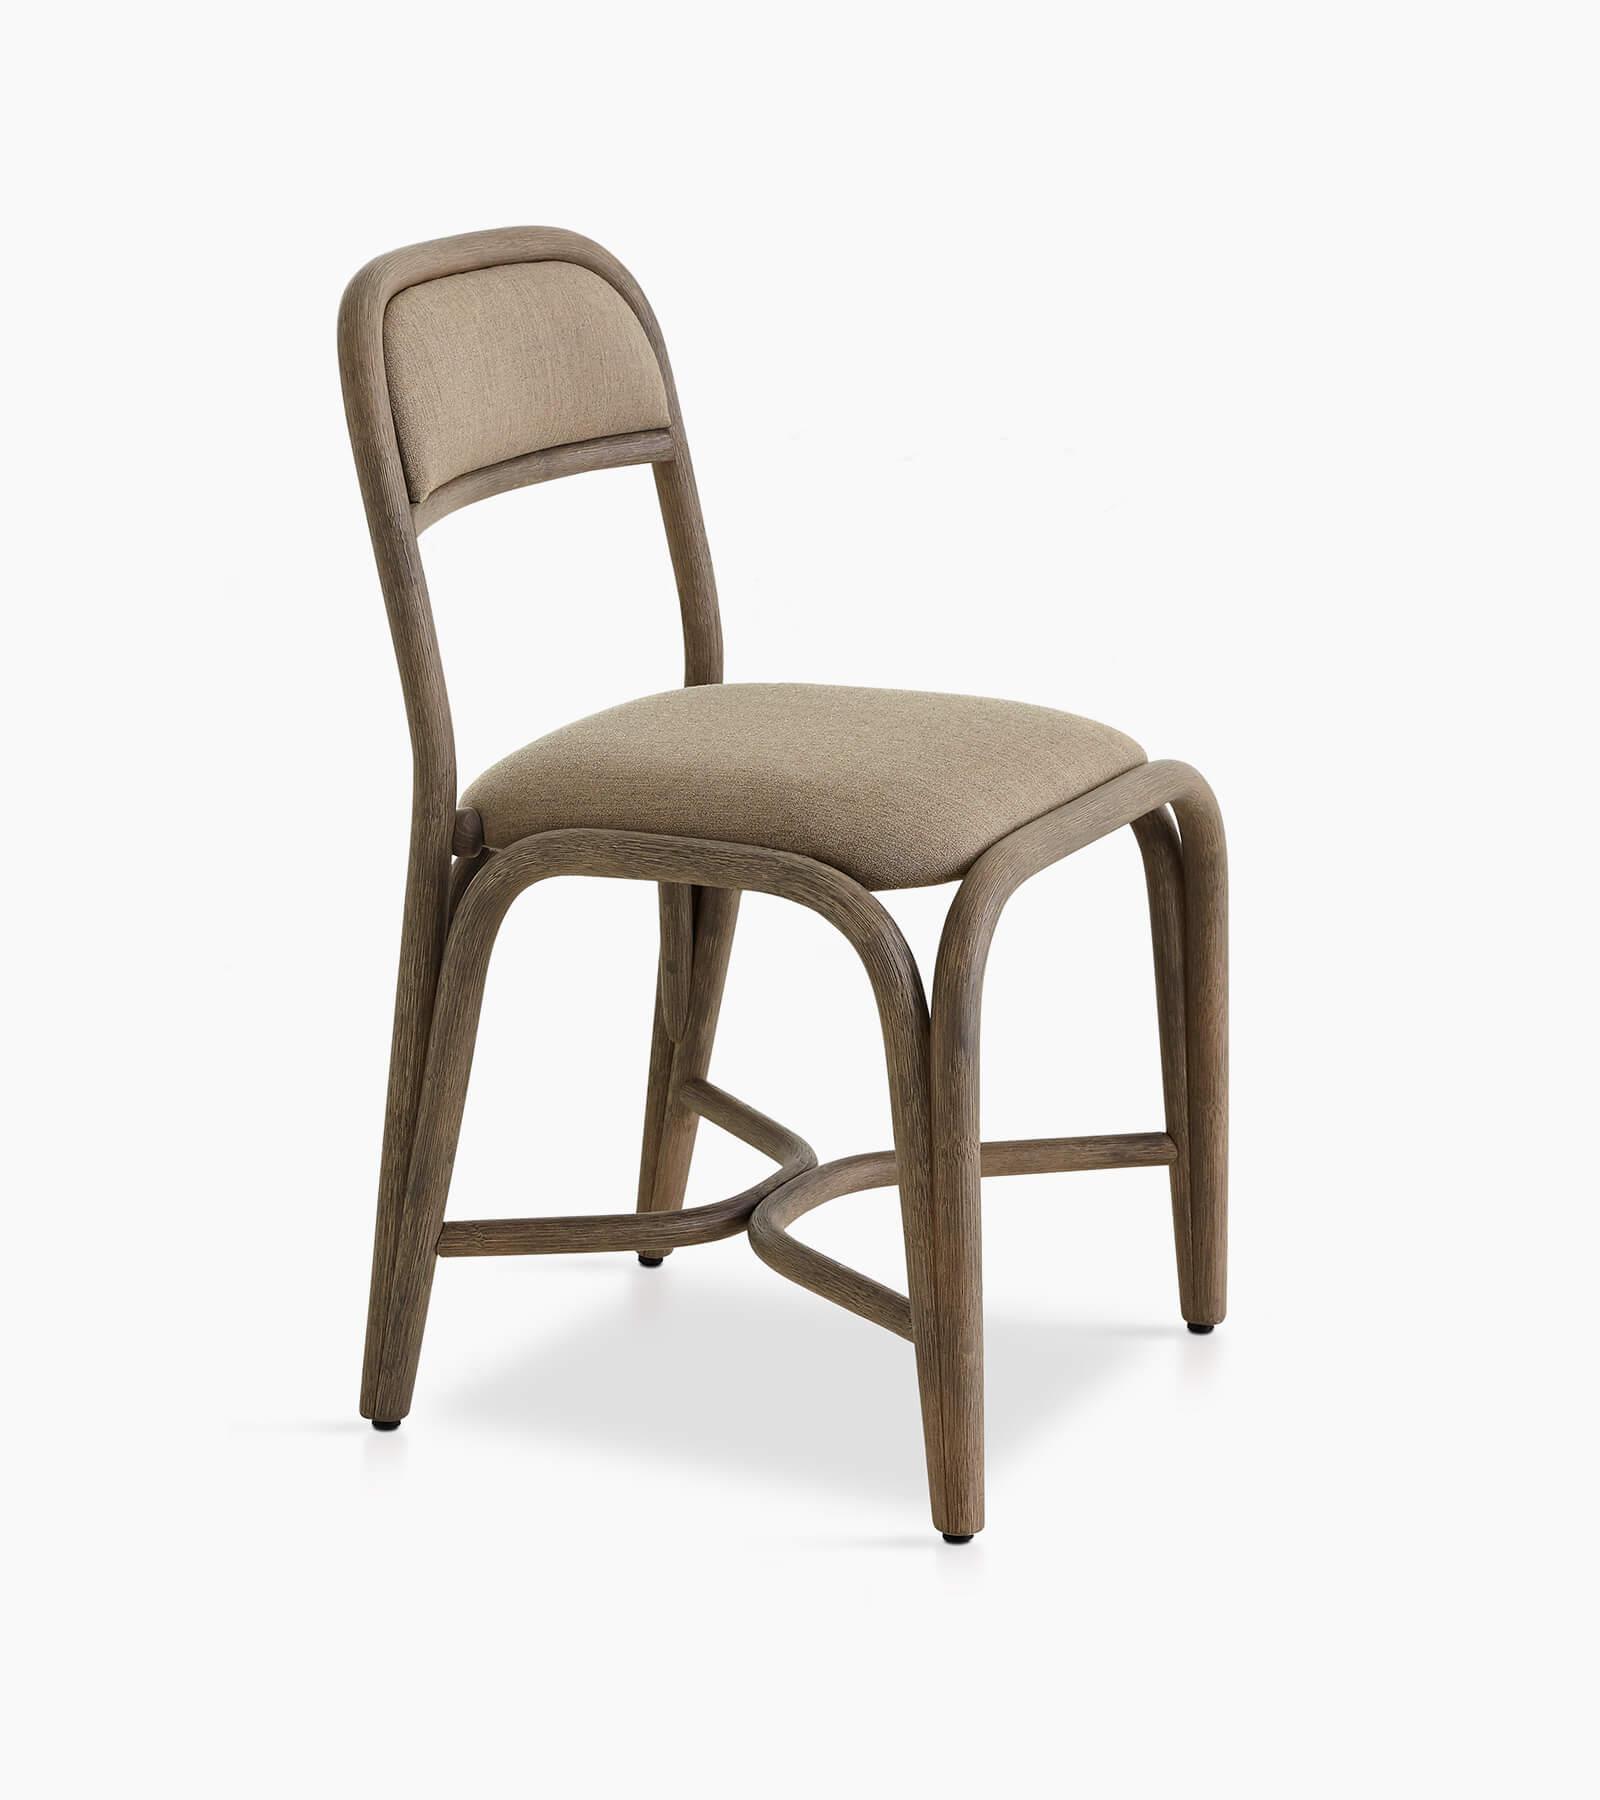 TinnappleMetz-Expormim-fontal-dining-chair-01